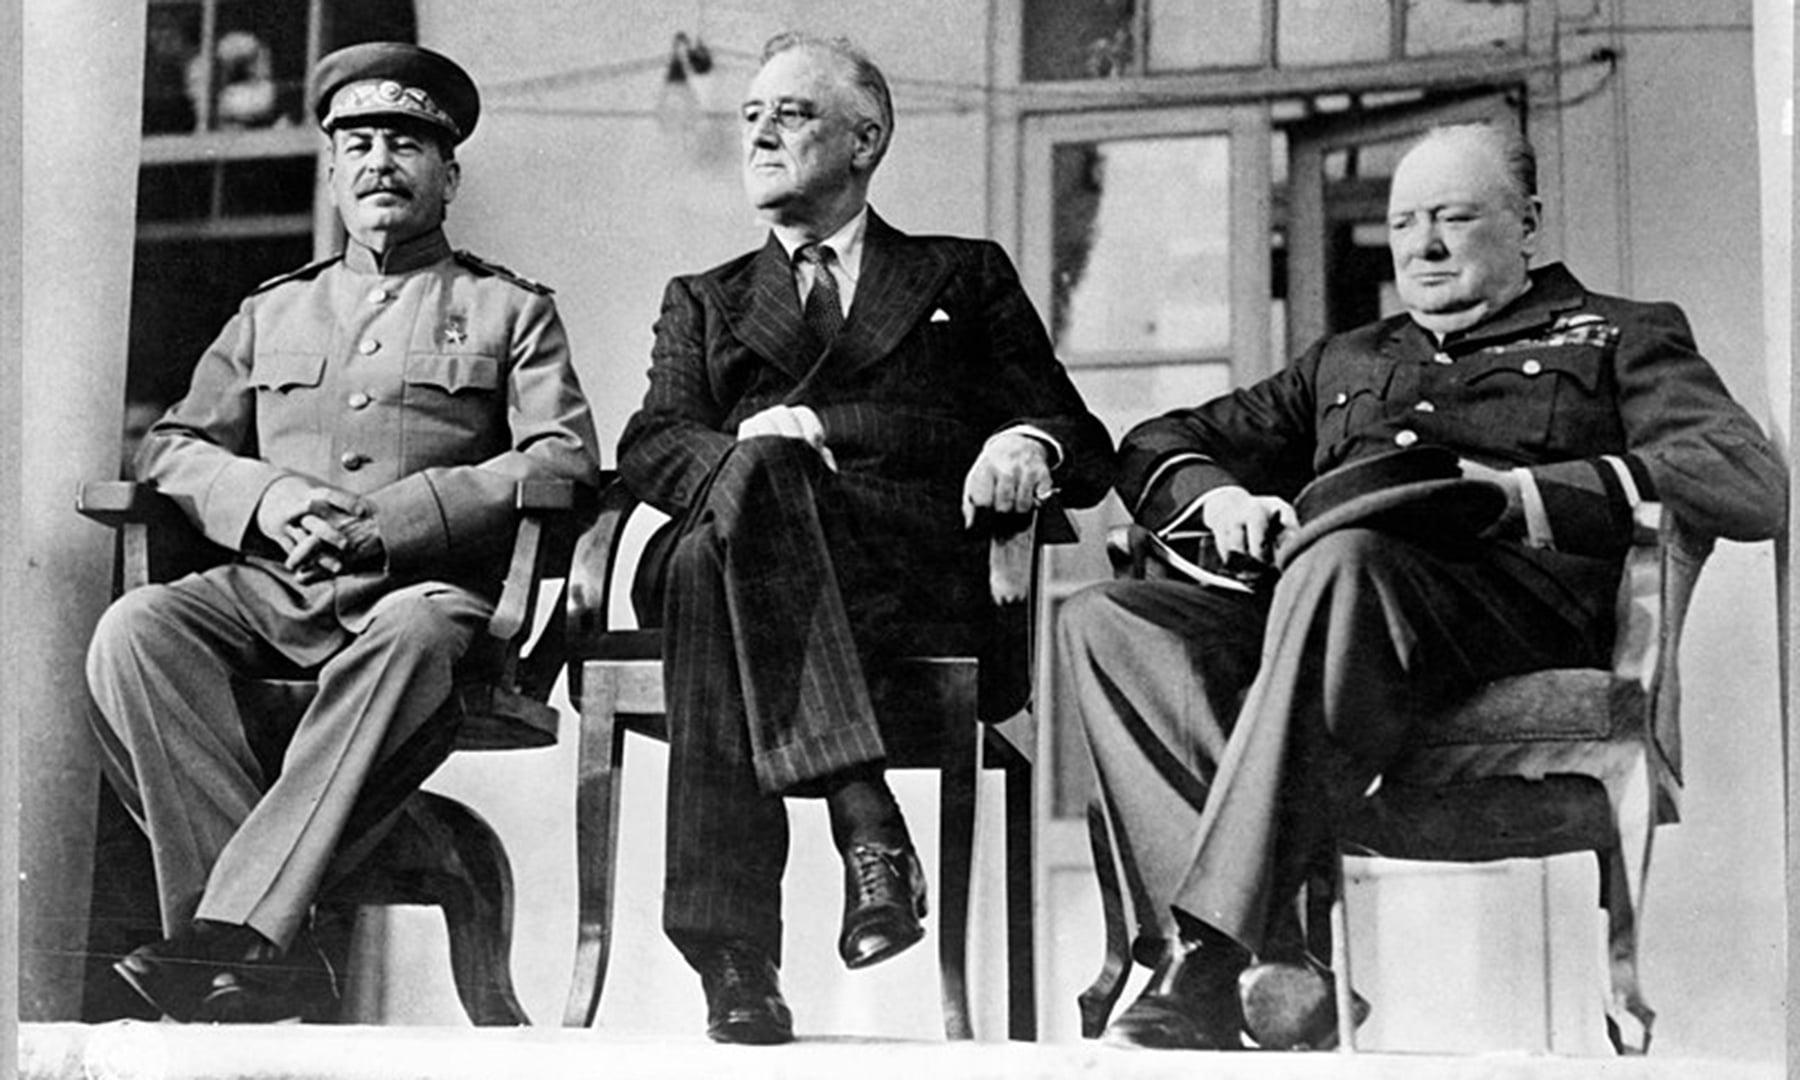 الائیڈ رہنما ونسٹن چرچل، فرینکلن روز ویلٹ اور جوزف اسٹالن